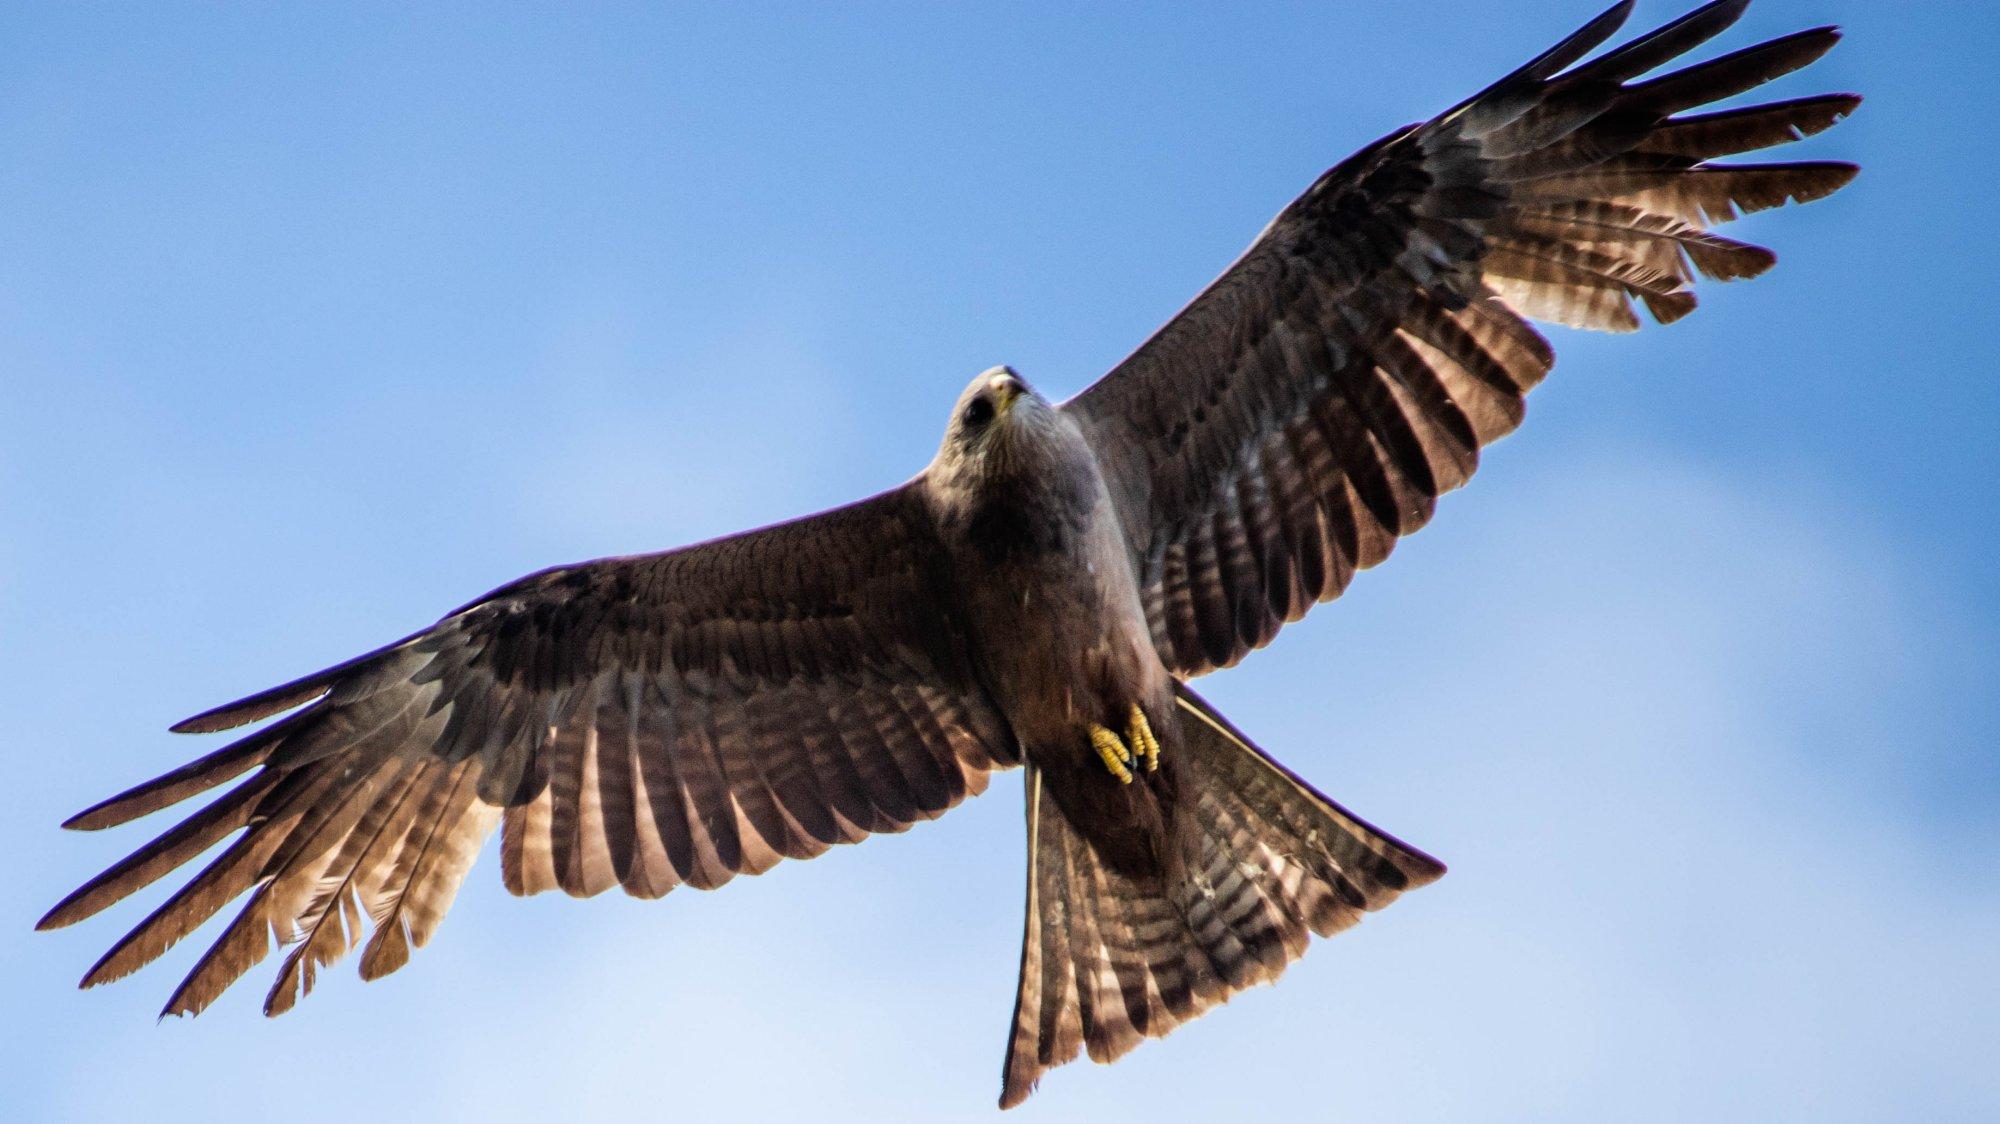 Yellow bill kite